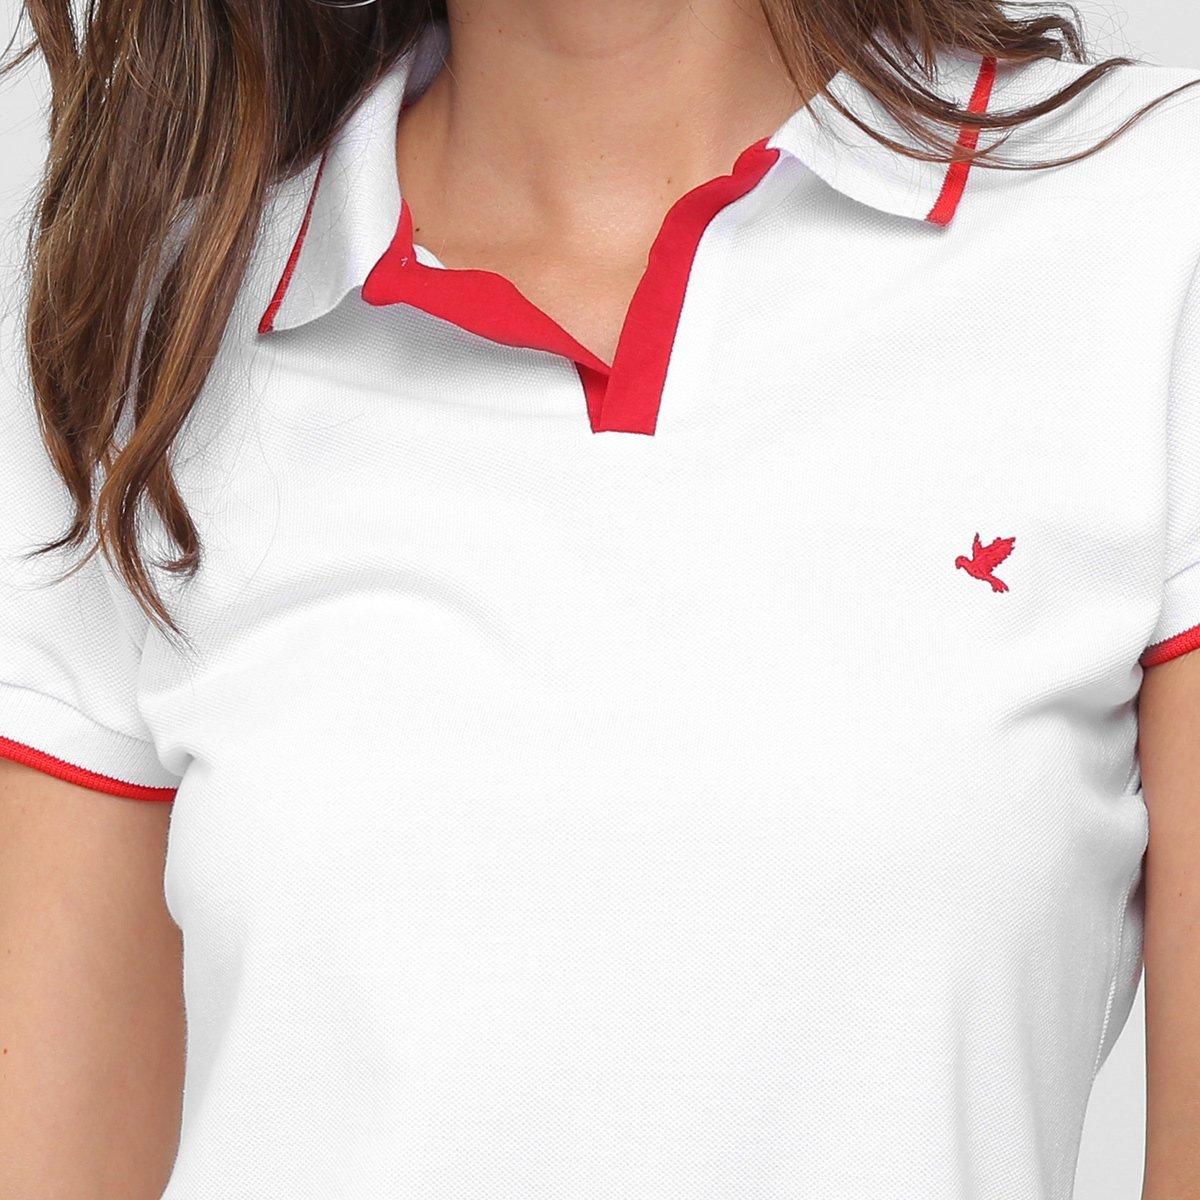 Camisa Polo Malwee Listra Gola E Manga Feminina - Compre Agora   Zattini 469b11ecc3